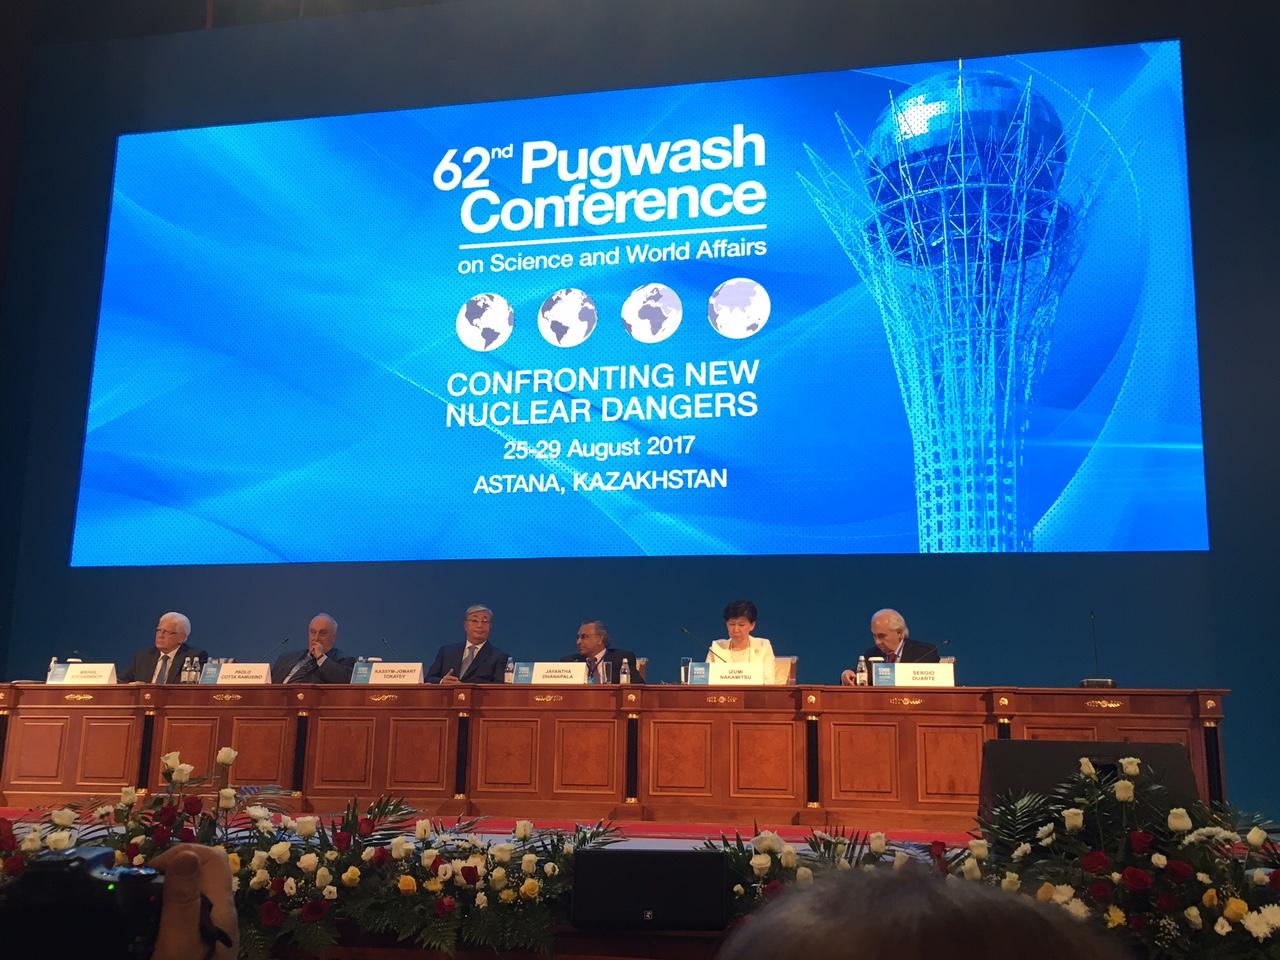 写真・図版 : 第62回パグウォッシュ会議世界大会開会セッションの風景。左からボチャルニコフ・在カザフスタンロシア大 使、コッタ・ラムジーノ・パグウォッシュ会議事務総長、トカイエフ・カザ フスタン上院議長、ダナパラ・パグウォッシュ会議会長、中満・国連事務次長軍縮担当上級代表、デュワルテ・パグウォッシュ会議次期会長=筆者撮影